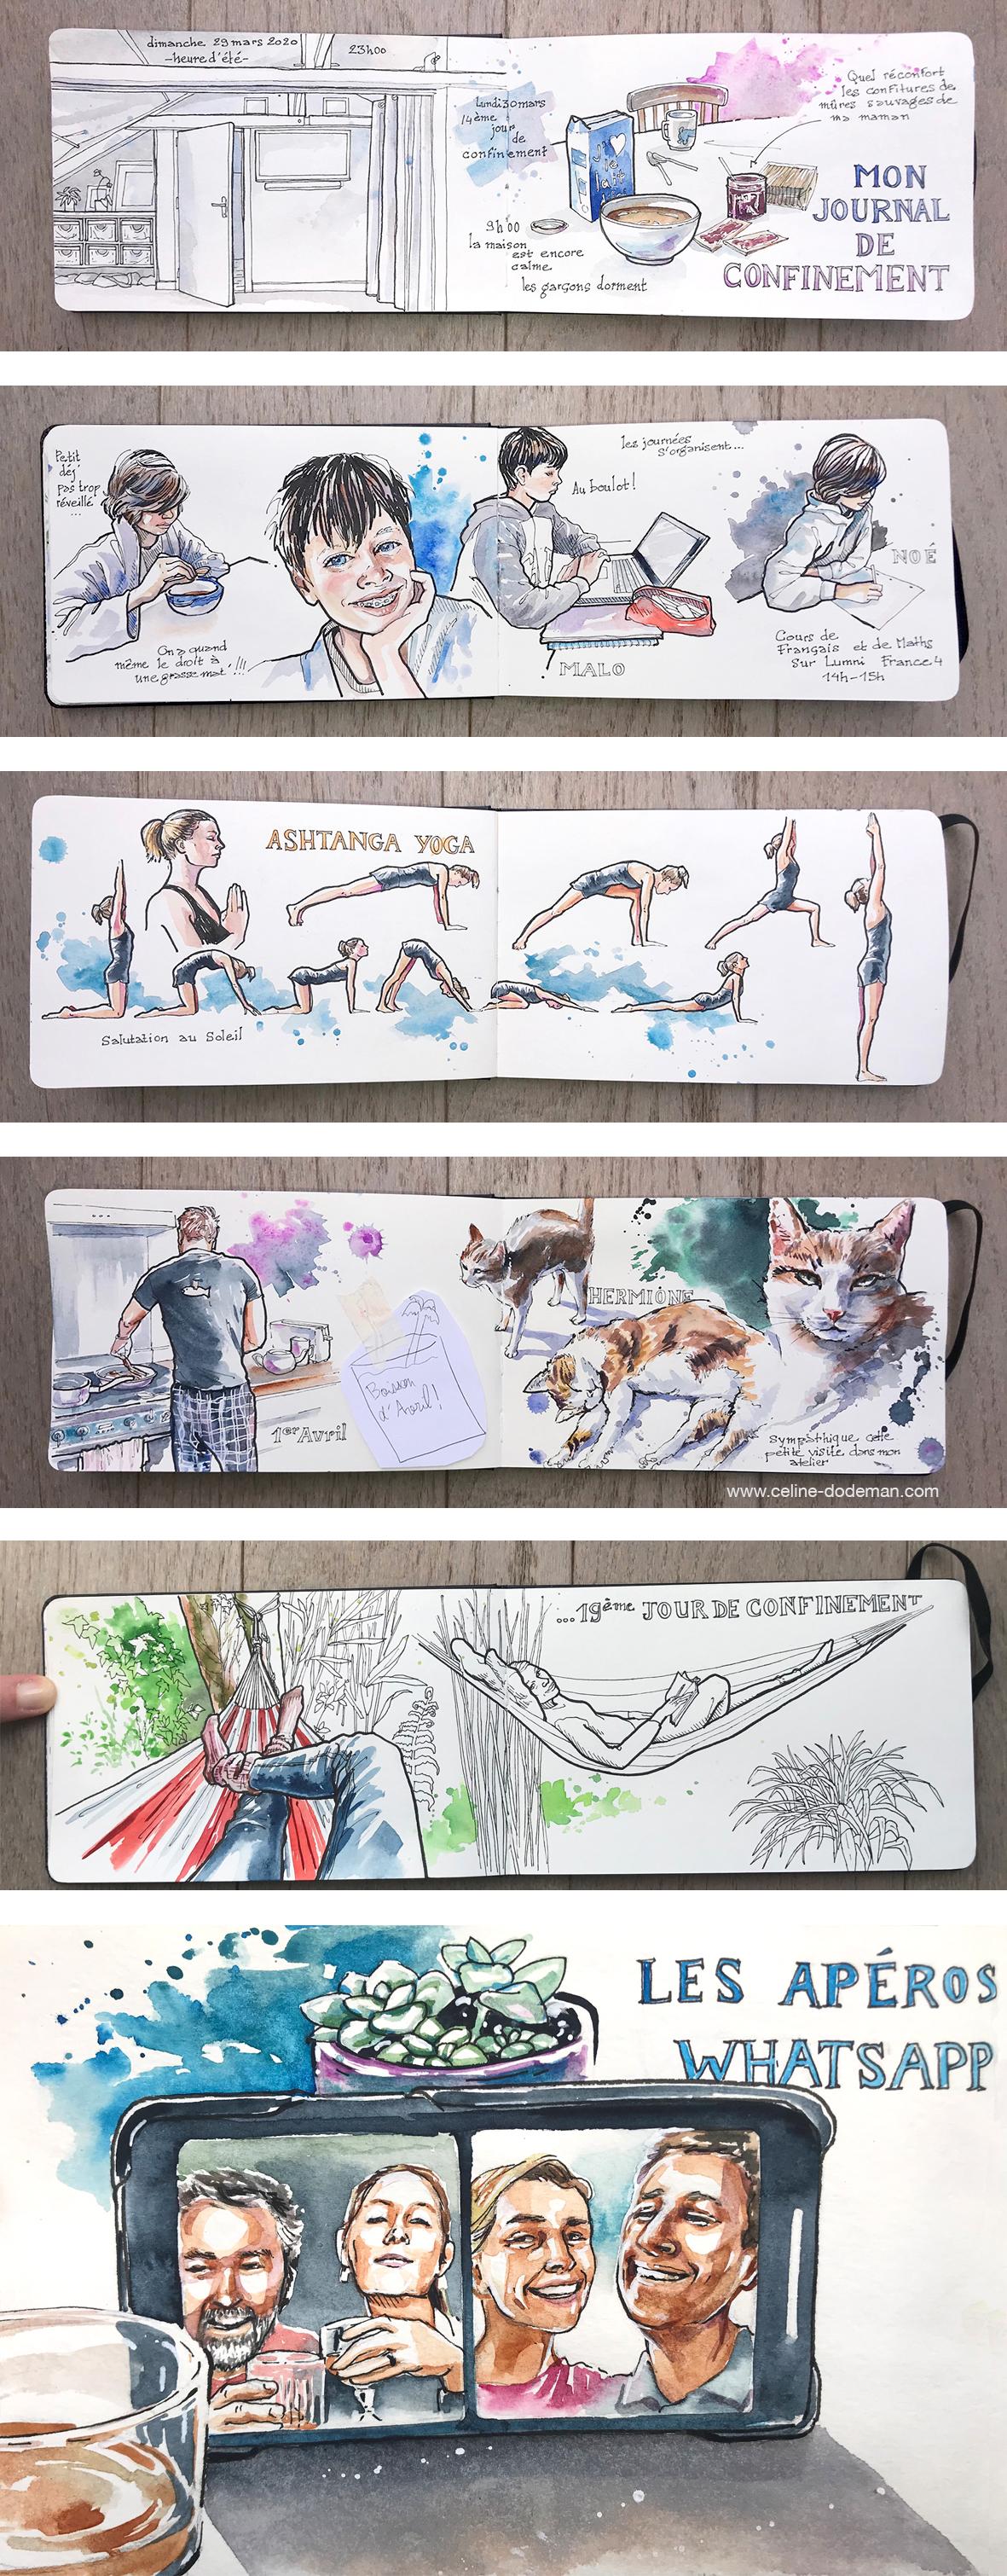 Carnet de confinement par Céline Dodeman, carnet de voyage, dessin croquis et aquarelle, urban sketchers